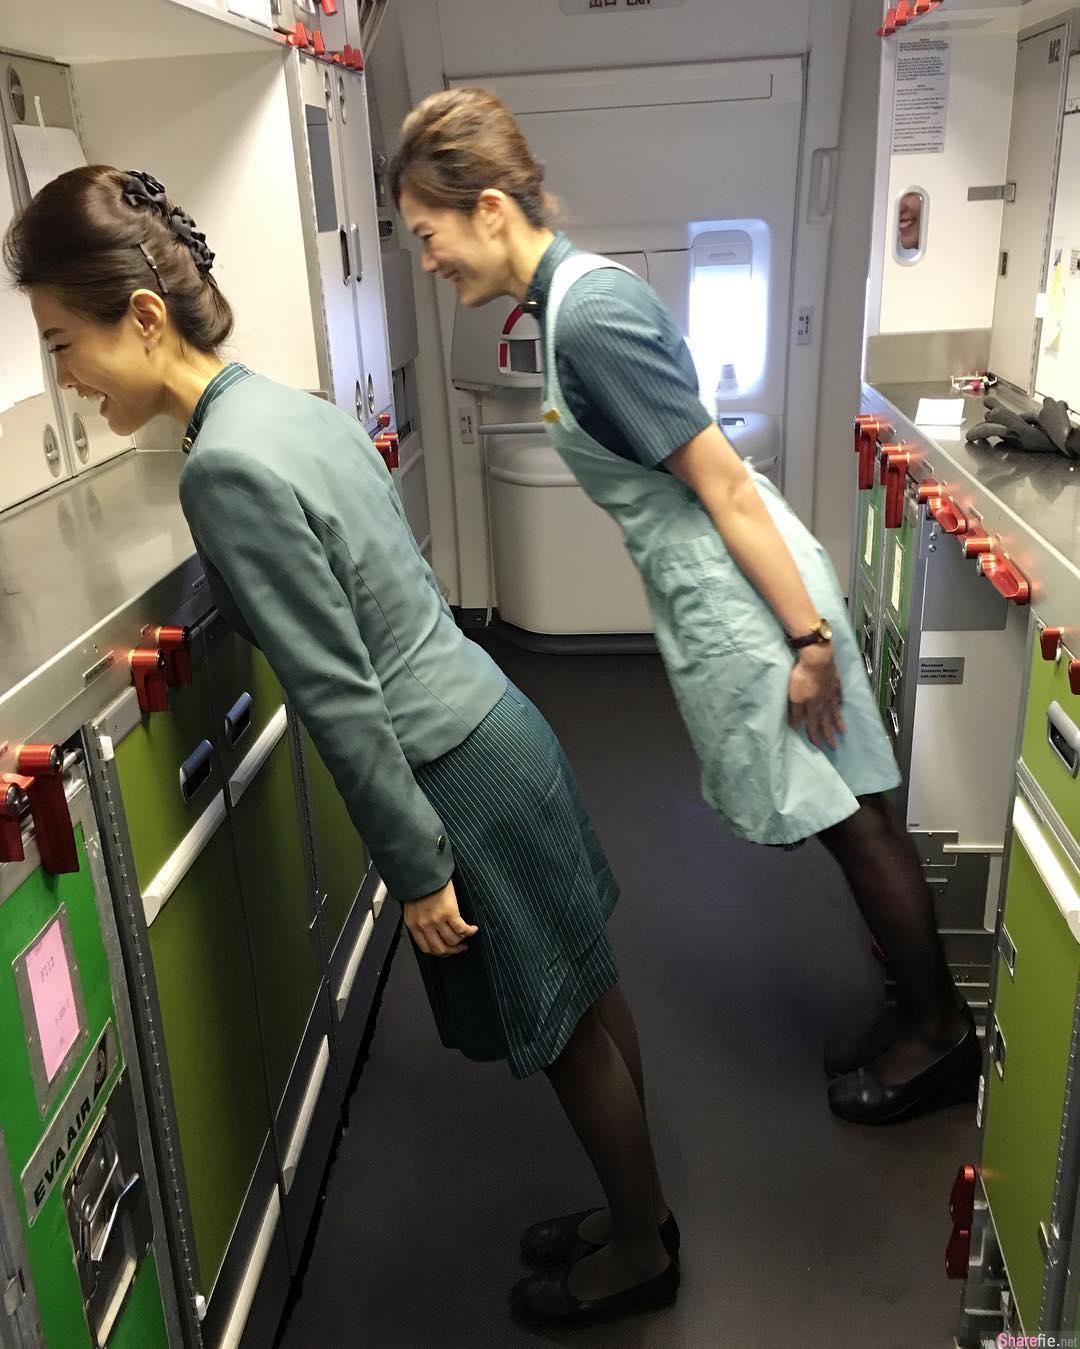 3万英呎高空最美丽的风景,空姐宝林煞到乘客,妳就是我的头等舱